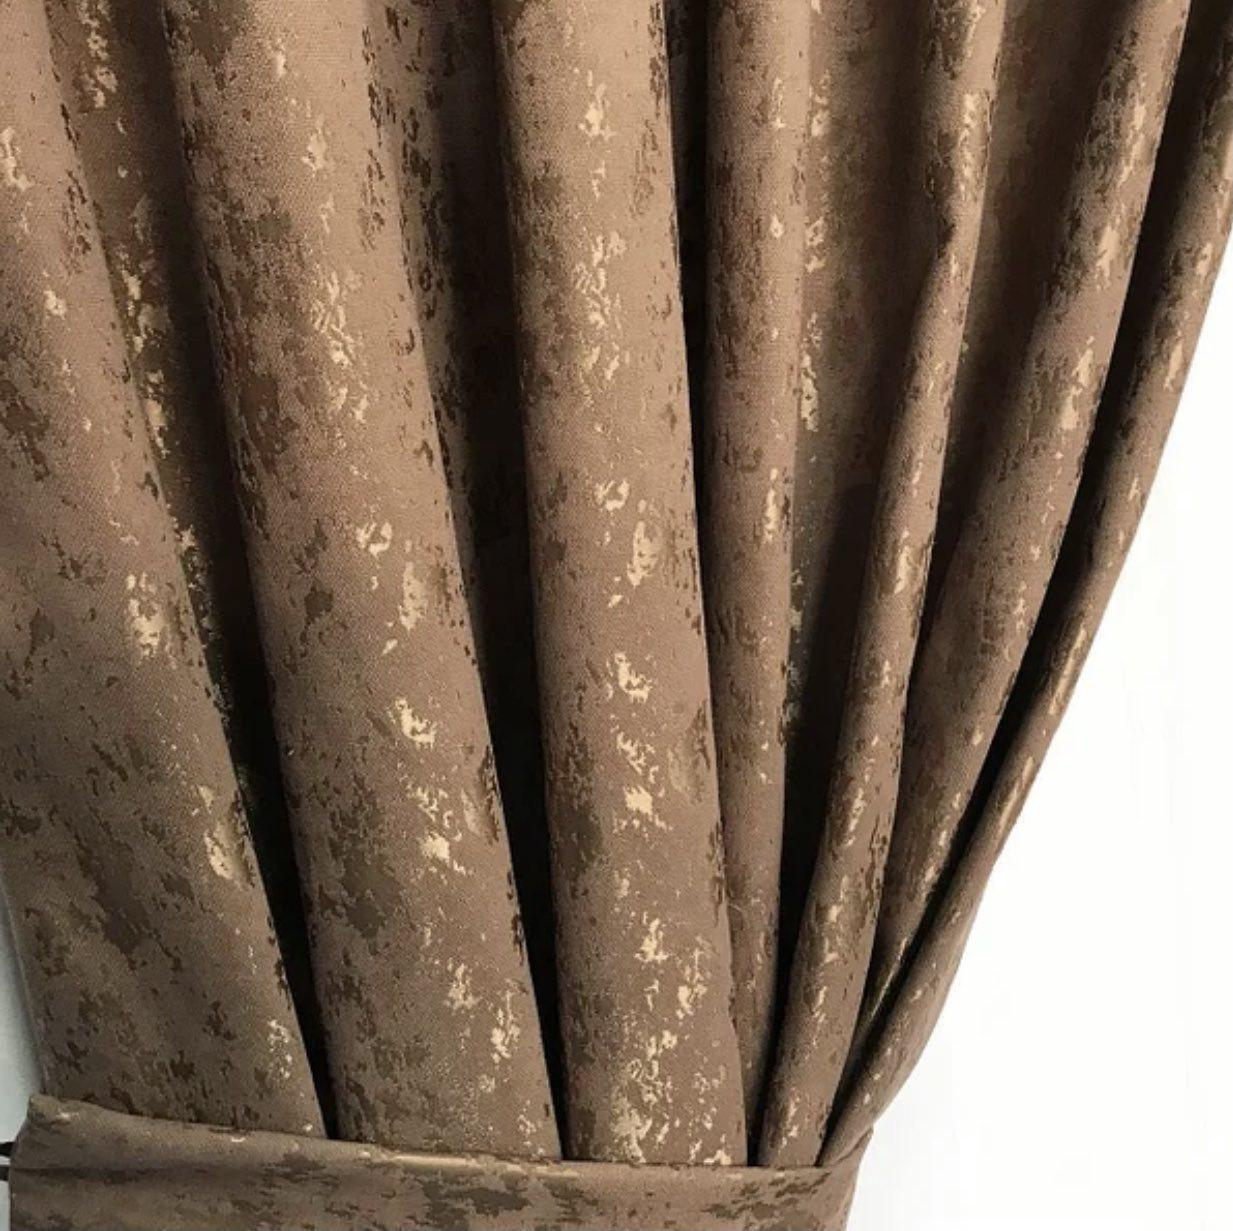 Комплект мармурових штор Готові мармурові штори Штори з підхватами Штори 200х270 Колір Коричневий